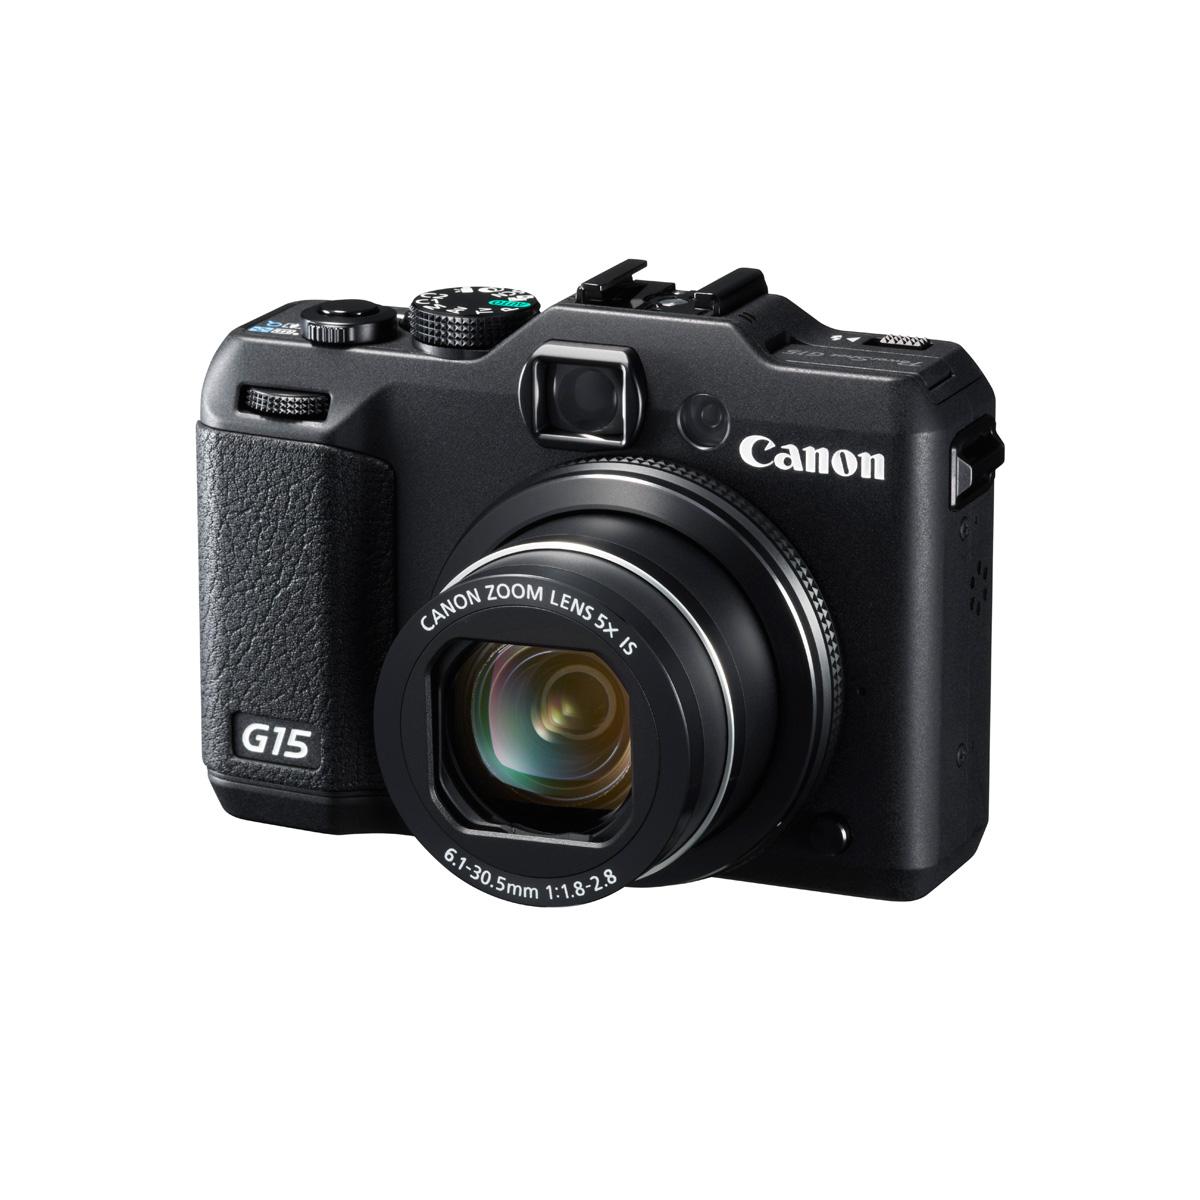 Canon powershot g15 noir appareil photo num rique canon for Ecran appareil photo canon